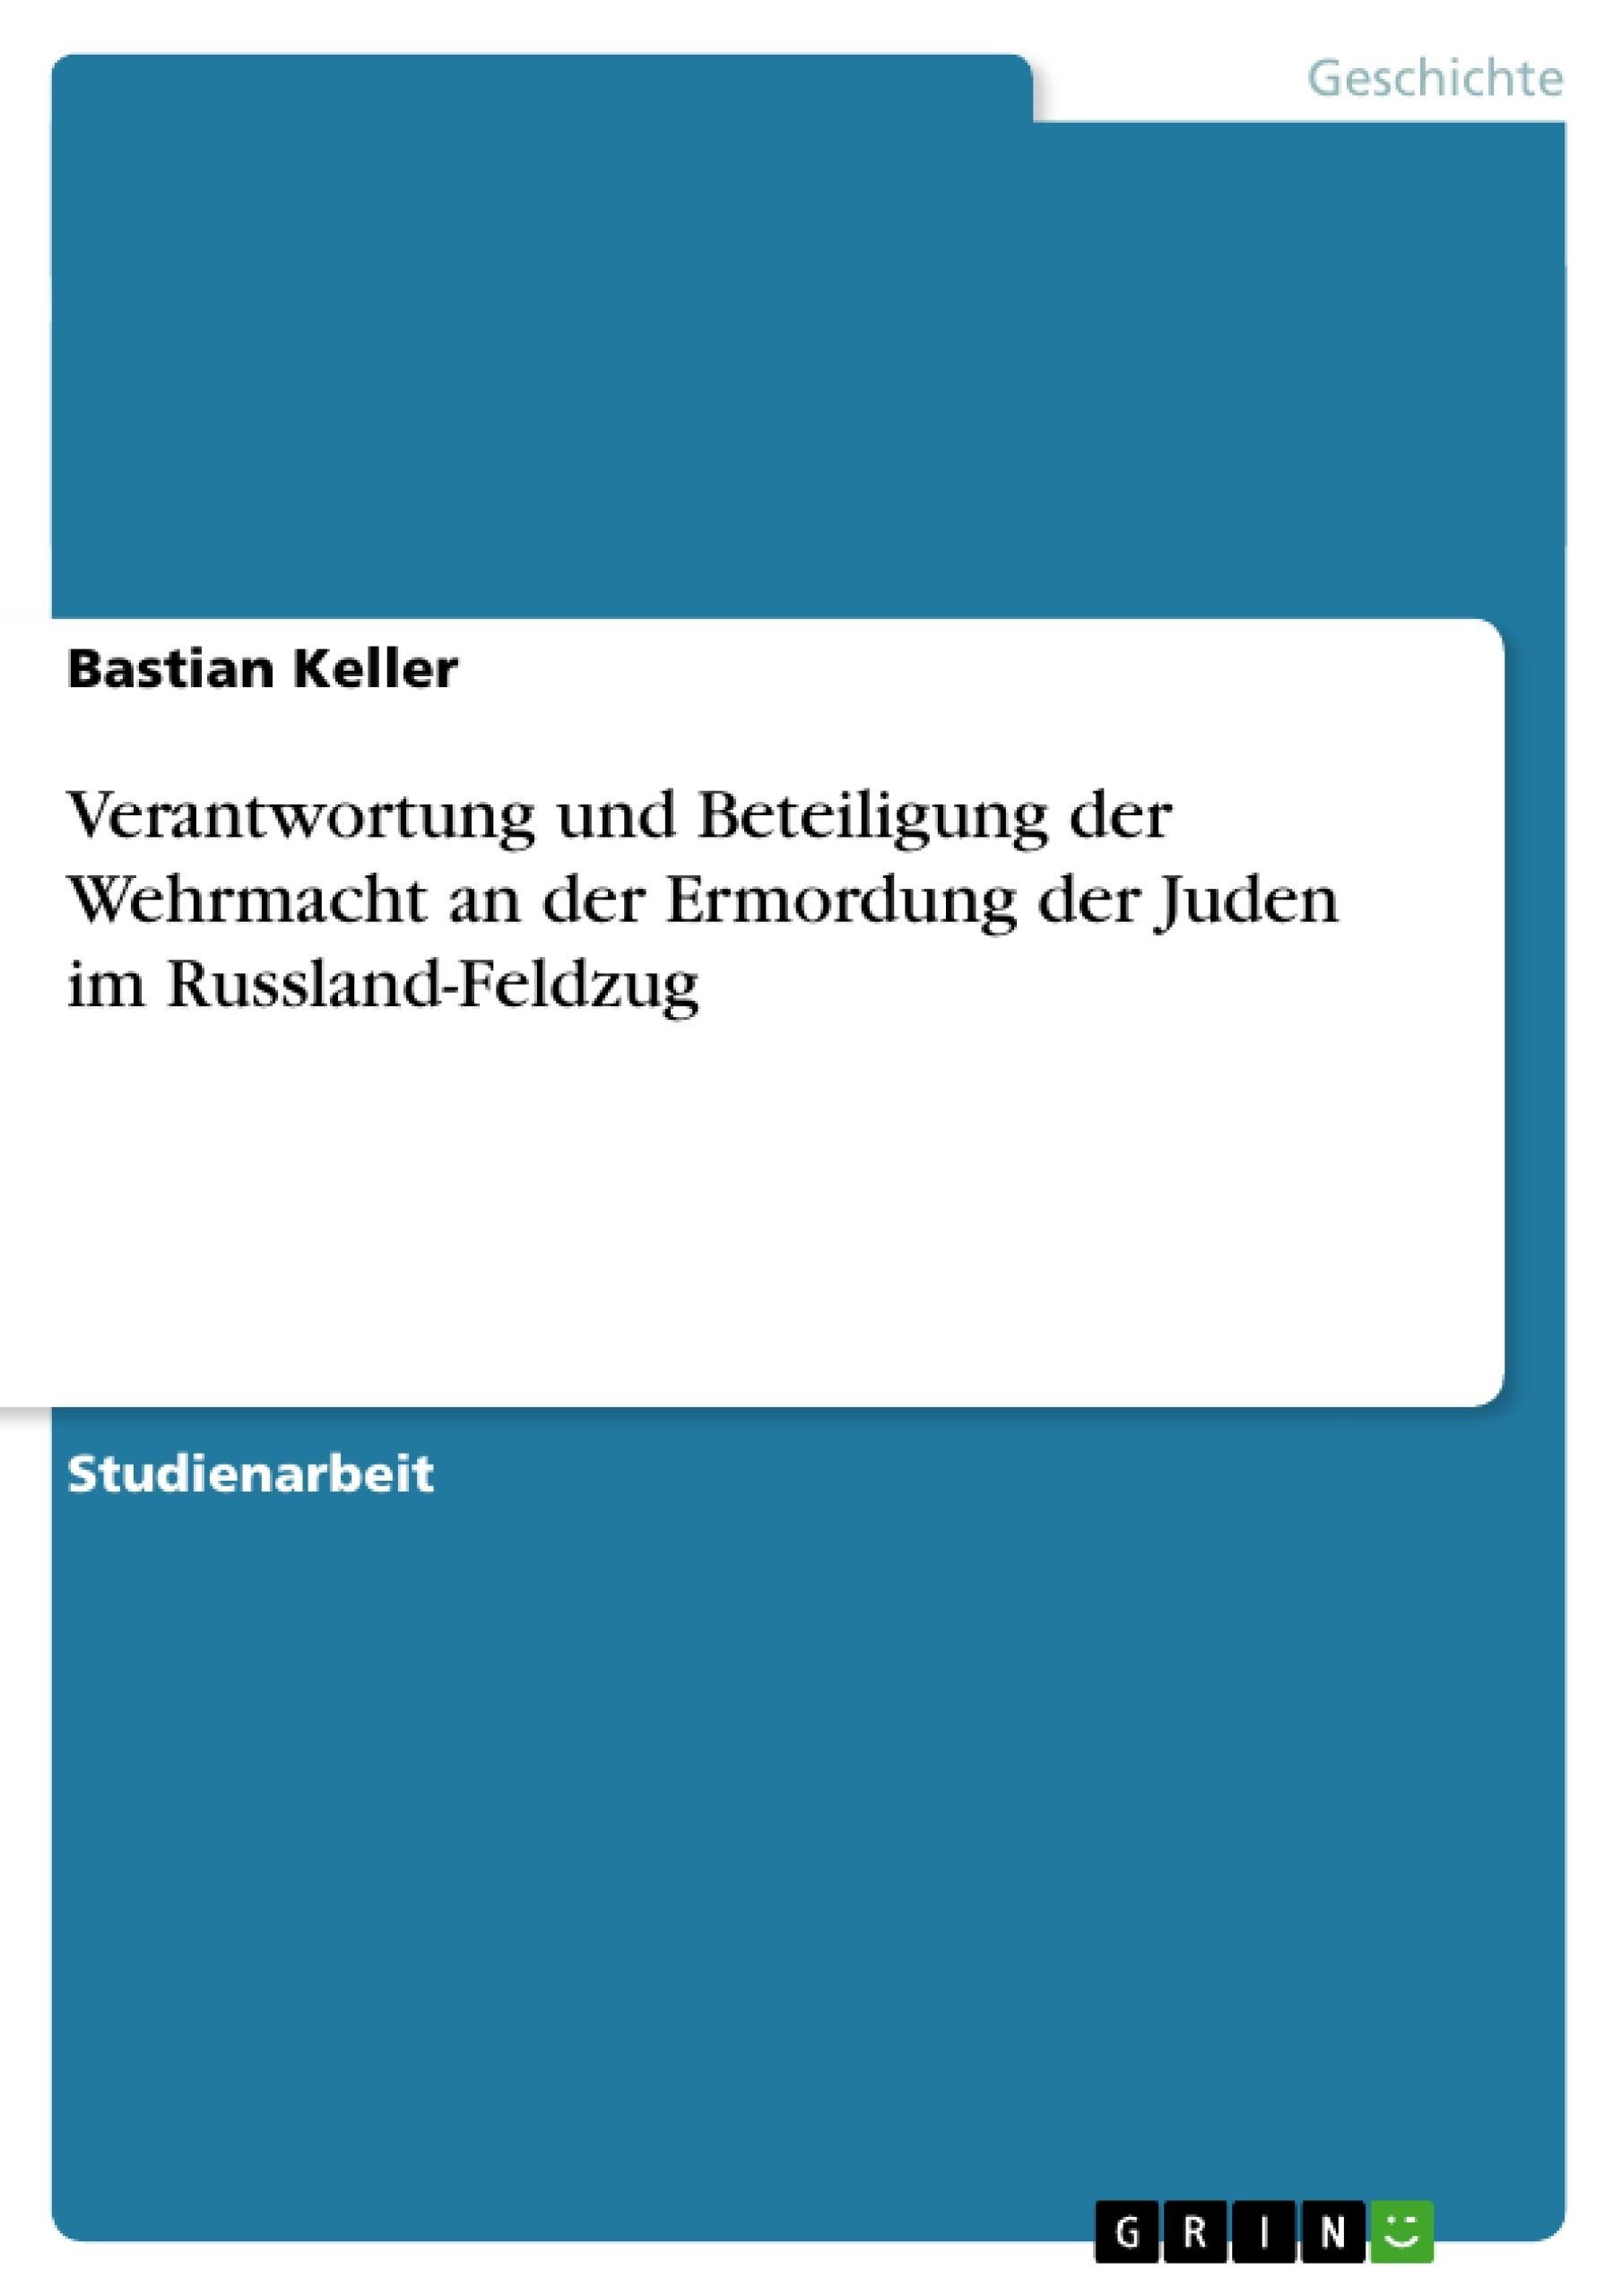 Titel: Verantwortung und Beteiligung der Wehrmacht an der Ermordung der Juden im Russland-Feldzug